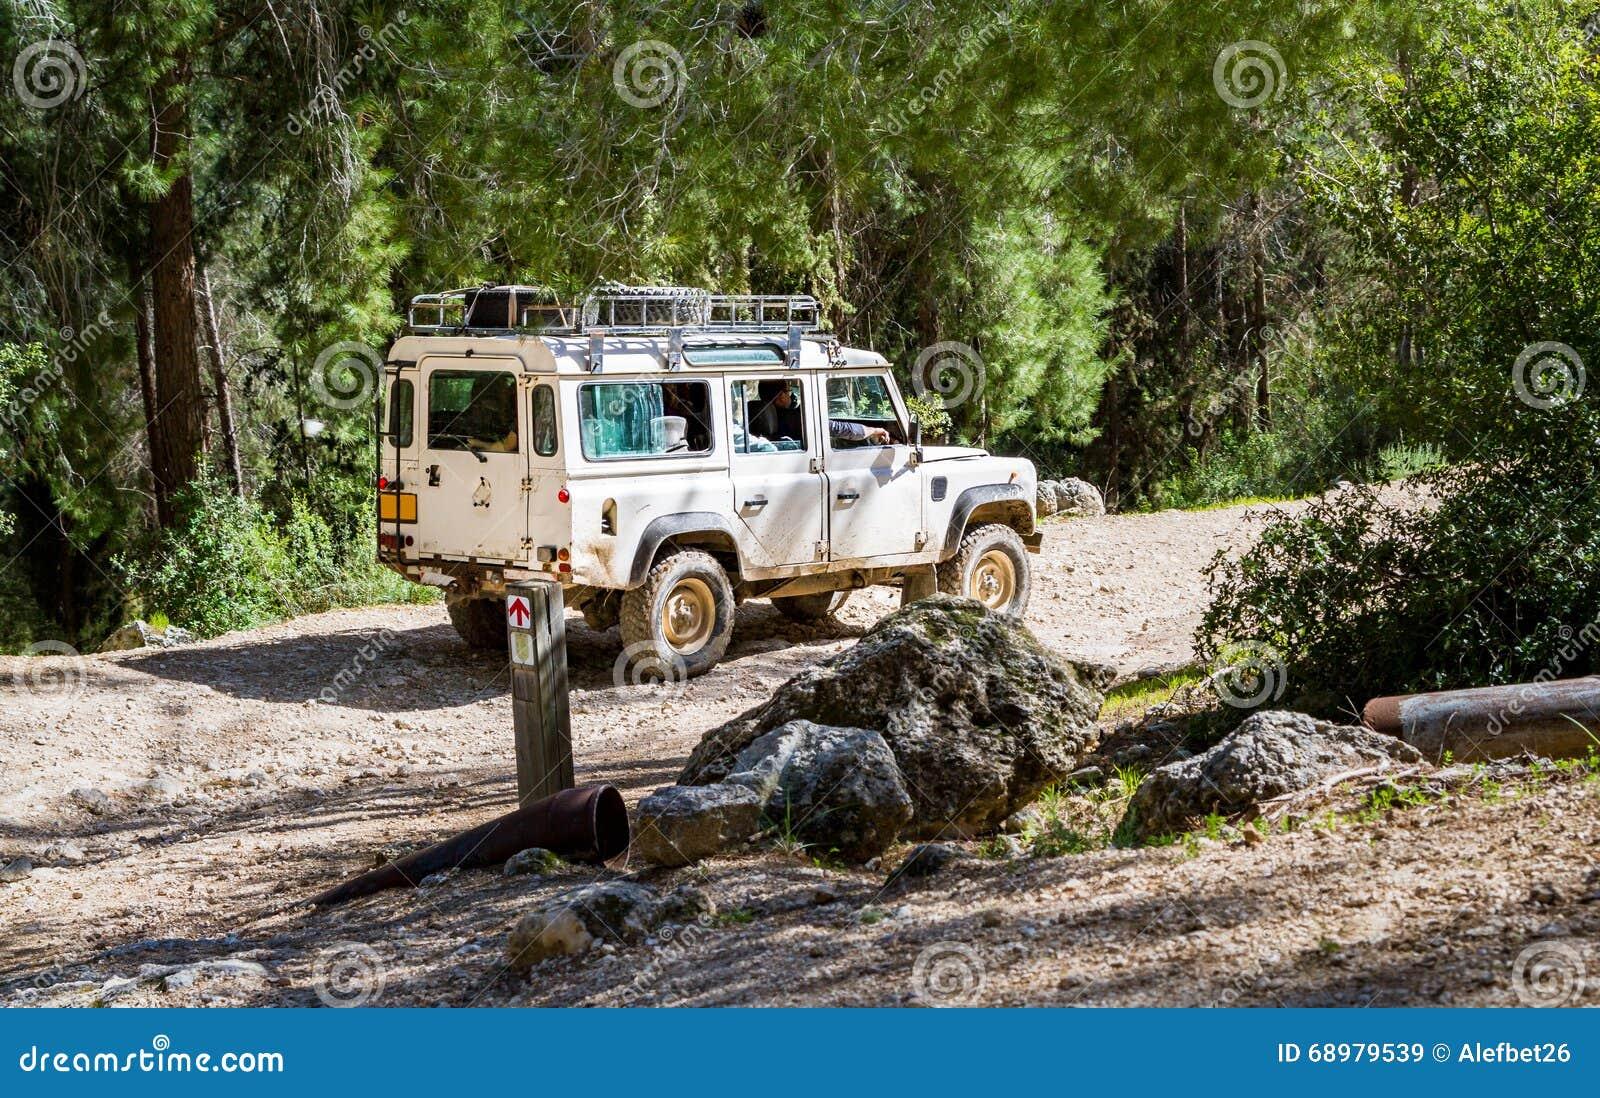 SUV monta en la carretera nacional en el bosque, Israel